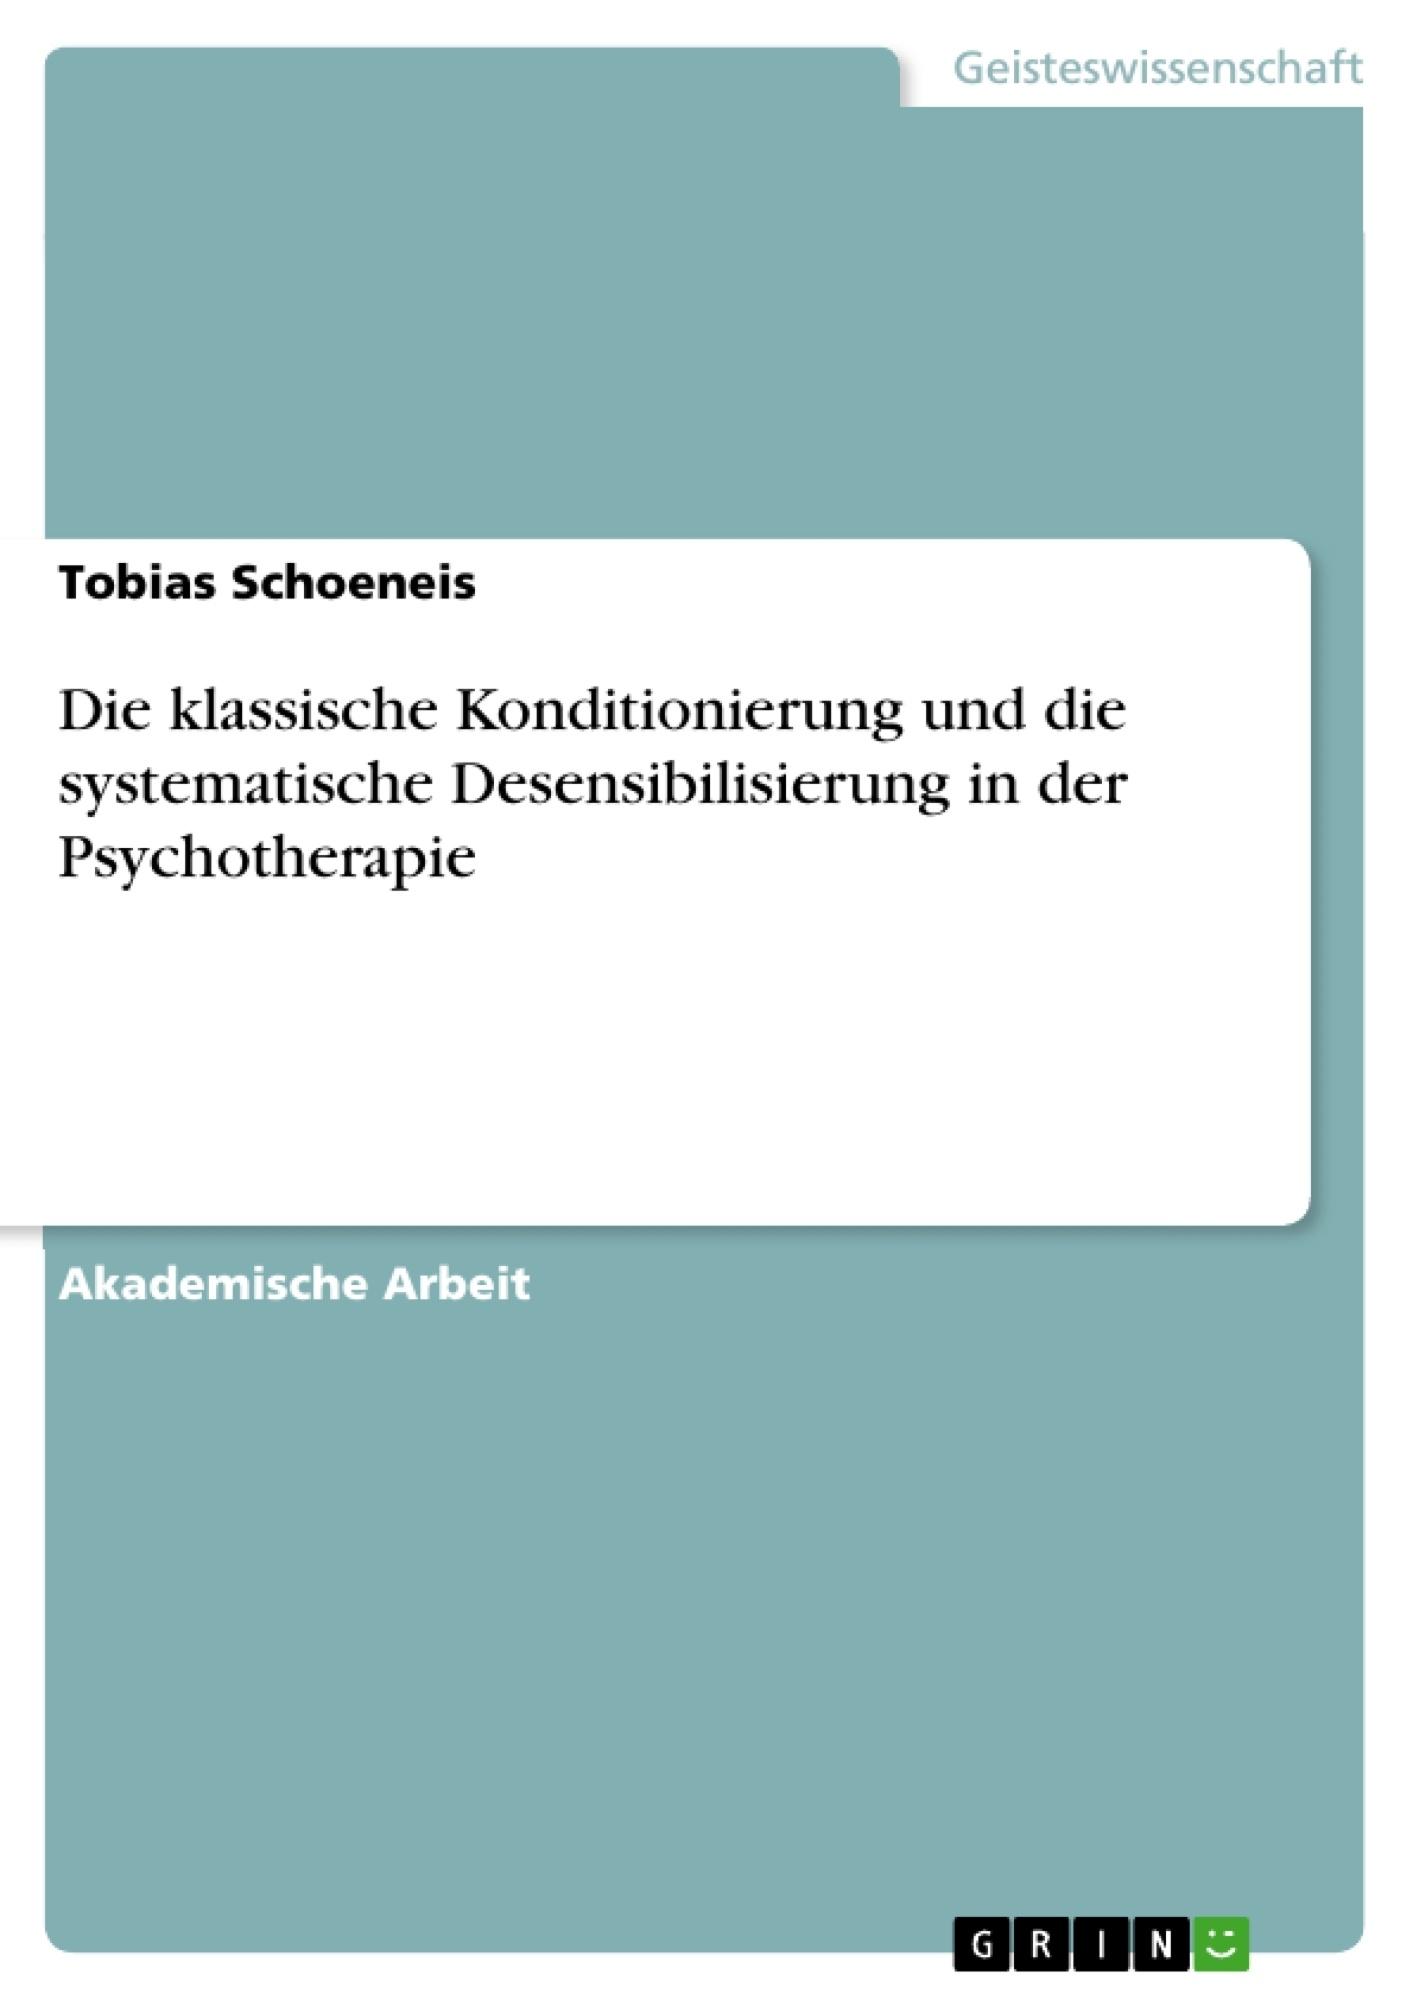 Titel: Die klassische Konditionierung und die systematische Desensibilisierung in der Psychotherapie